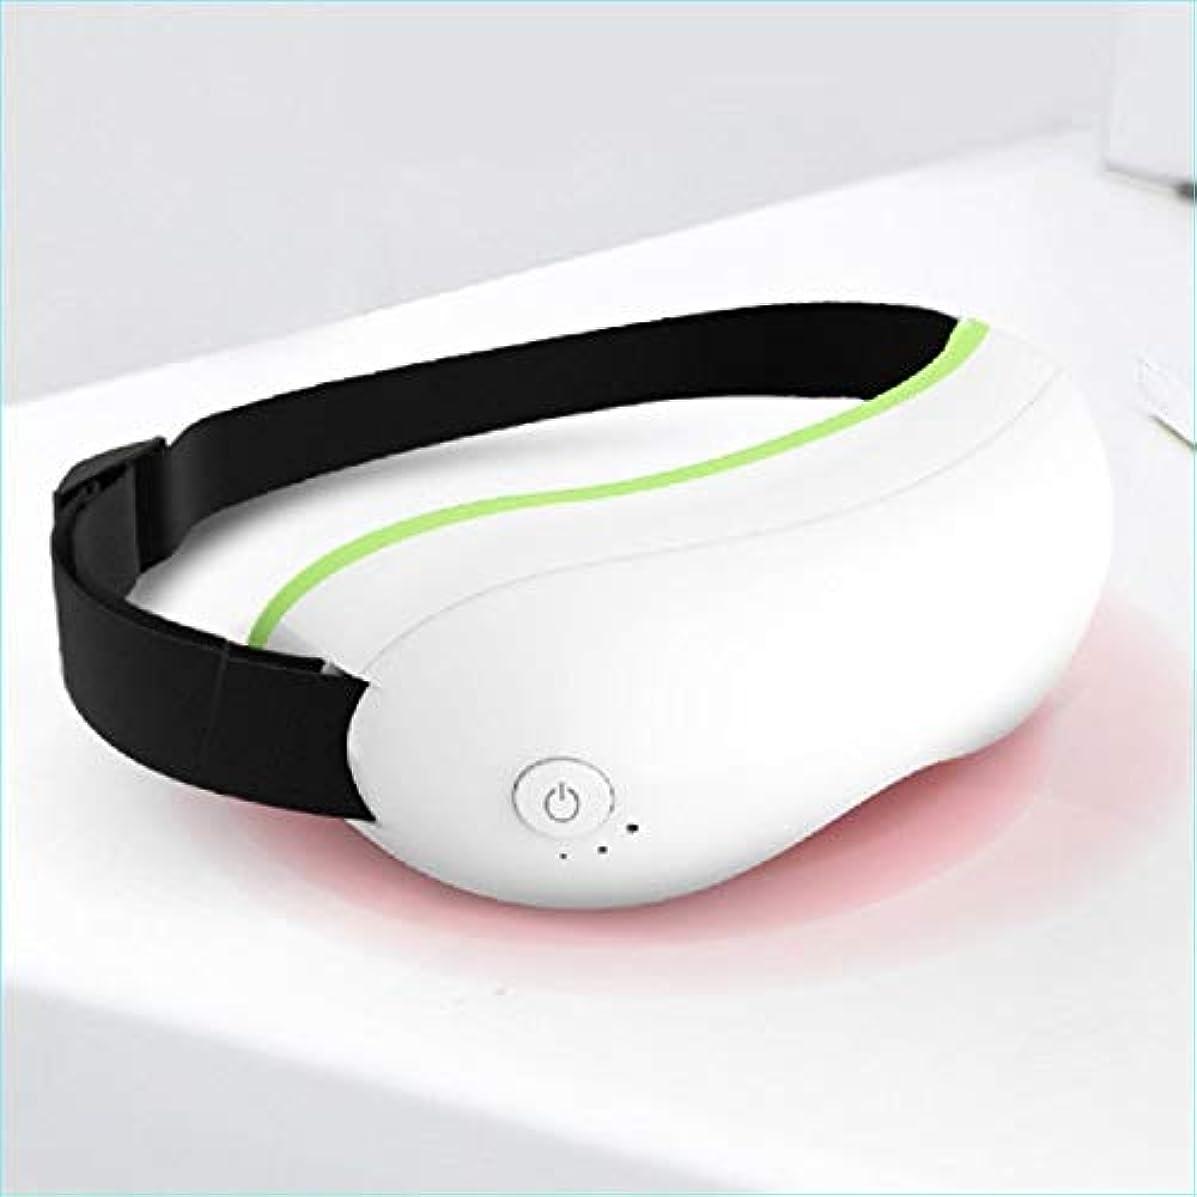 大気期限発揮するMeet now 暖房付きの高度な充電式ワイヤレスインテリジェント振動アイマッサージ 品質保証 (Color : White)